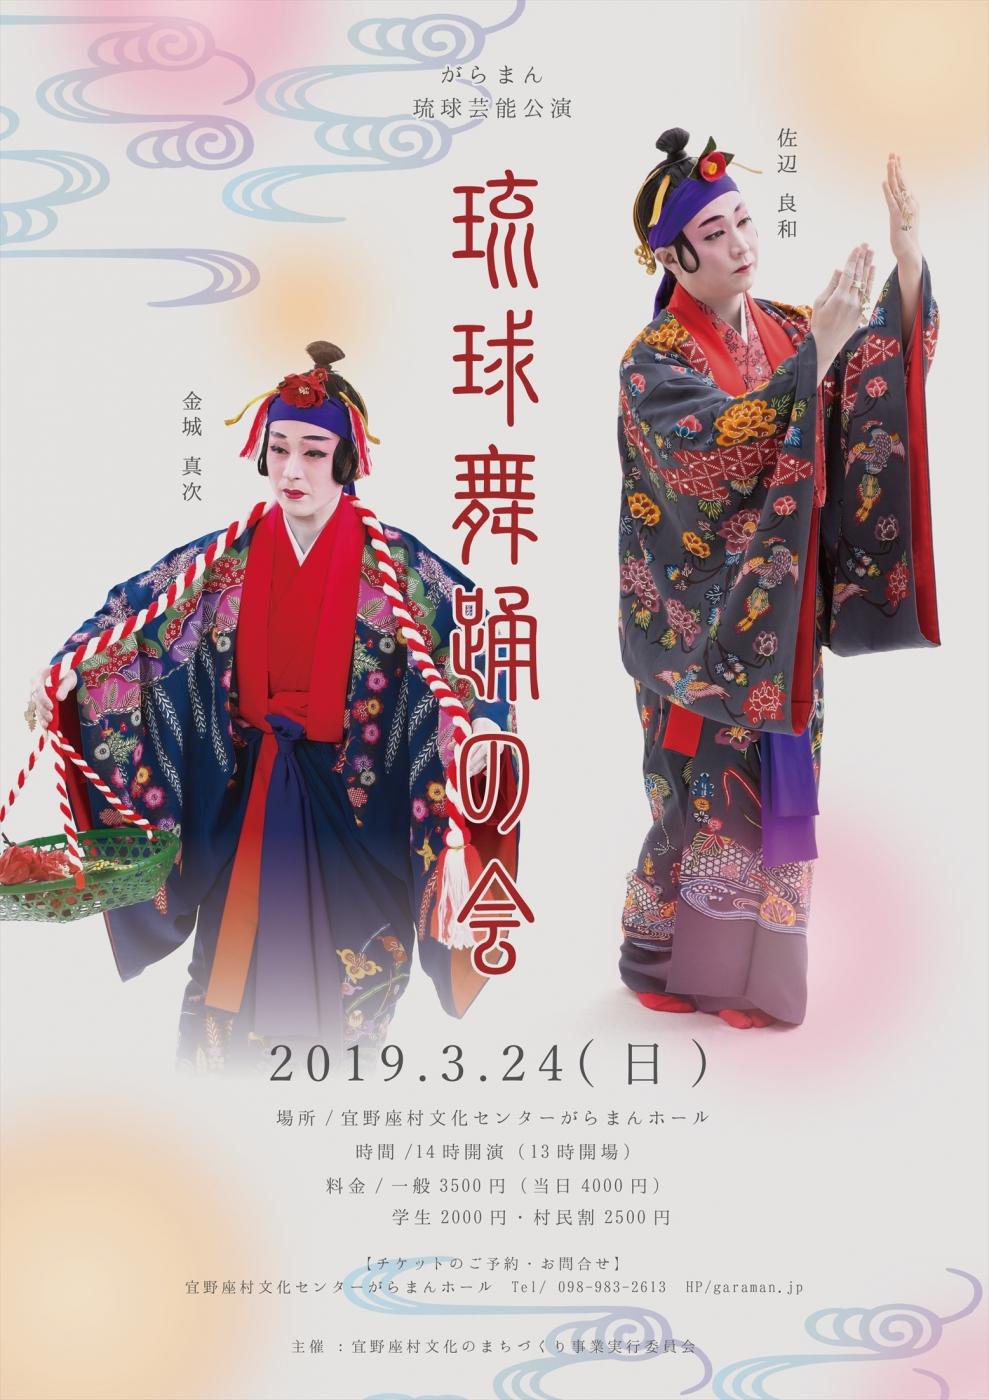 「琉球舞踊の会」がらまん琉球芸能公演